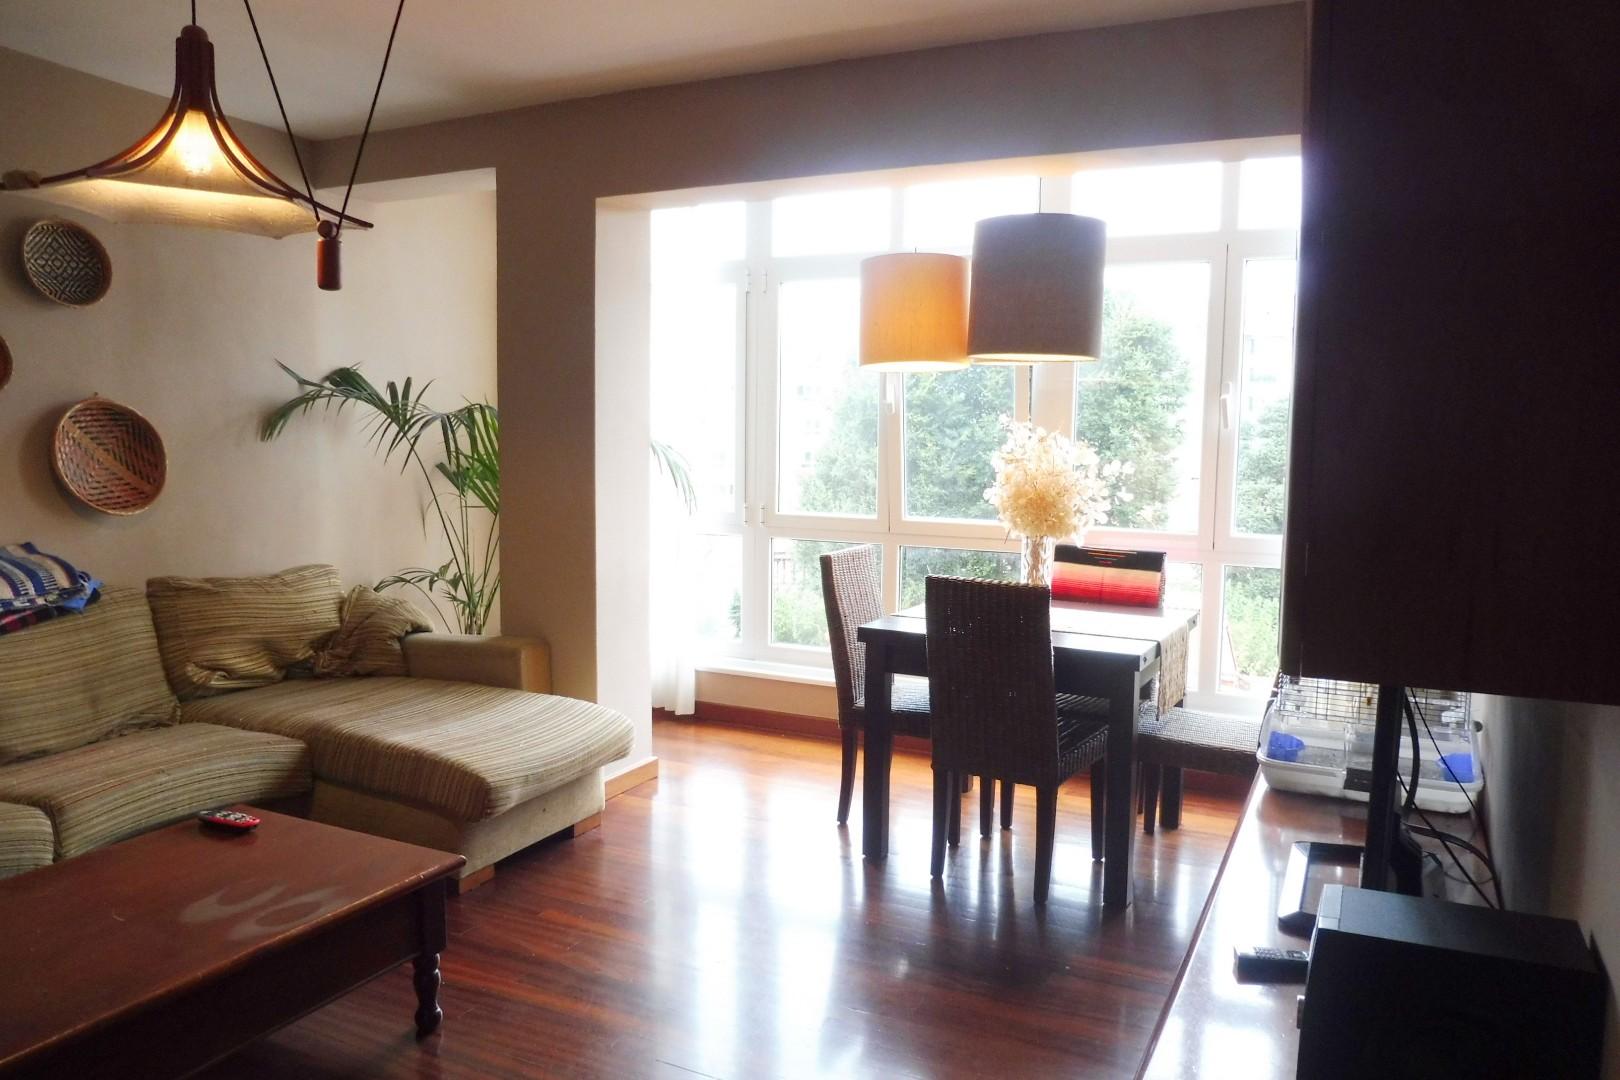 Inmobiliaria atanes y v zquez en coru a venta y alquiler de pisos casas y propiedades en - Alquiler pisos coruna ciudad ...